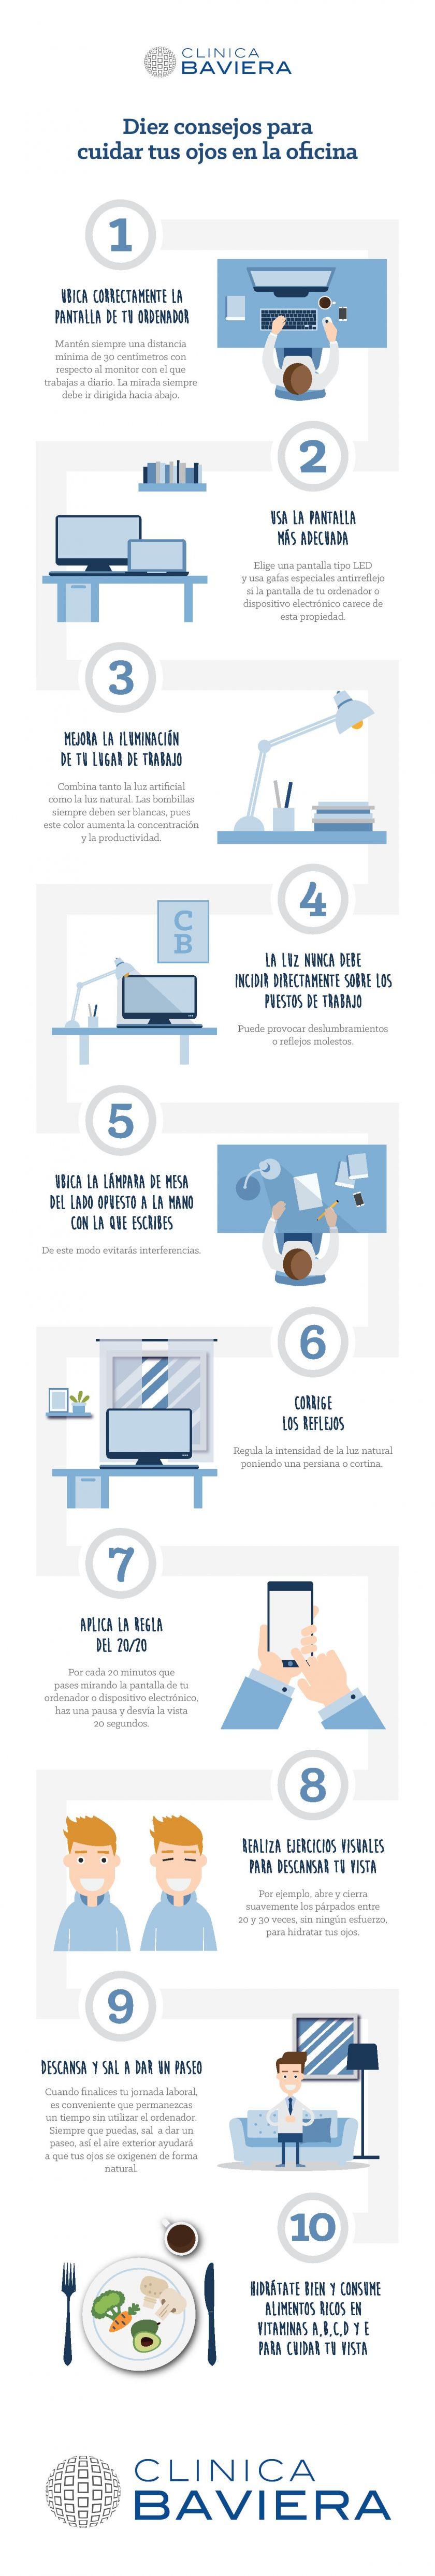 Infografía 10 consejos para cuidar tus ojos en la oficina